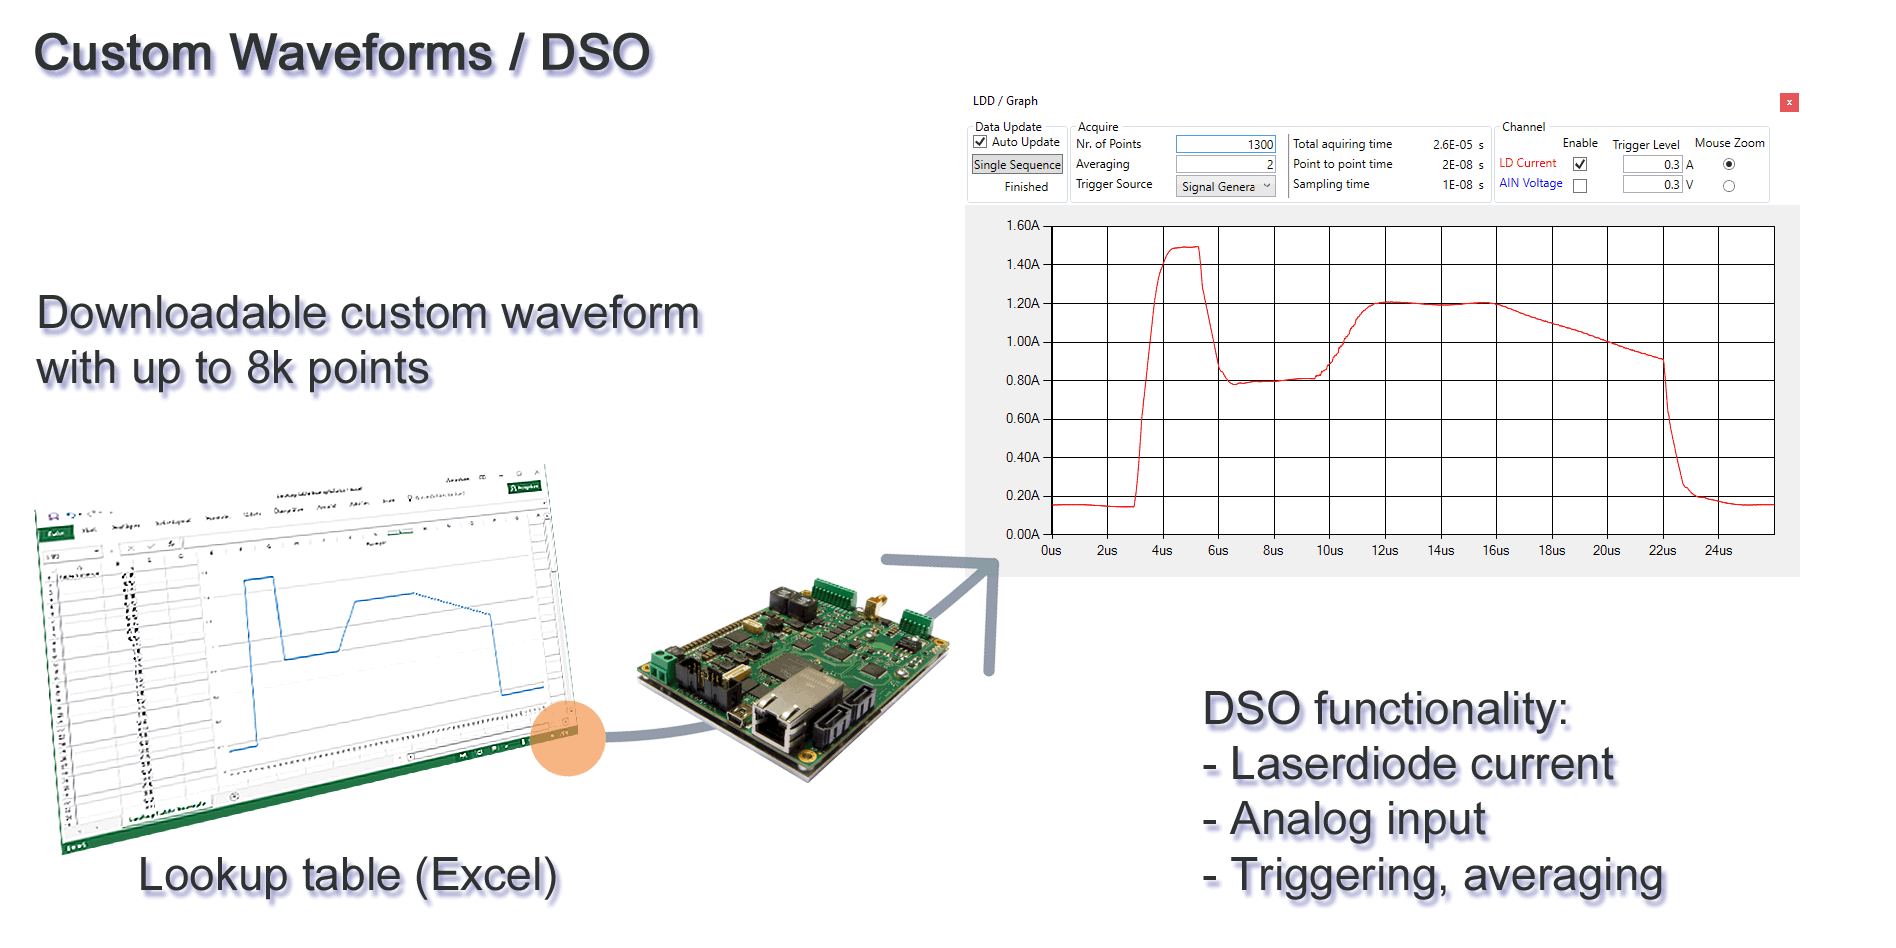 Meerstetter Ltc 1142 Laser Tec Controller Diode Diagram Modulation Software Blockdiagram Quantum Cascade